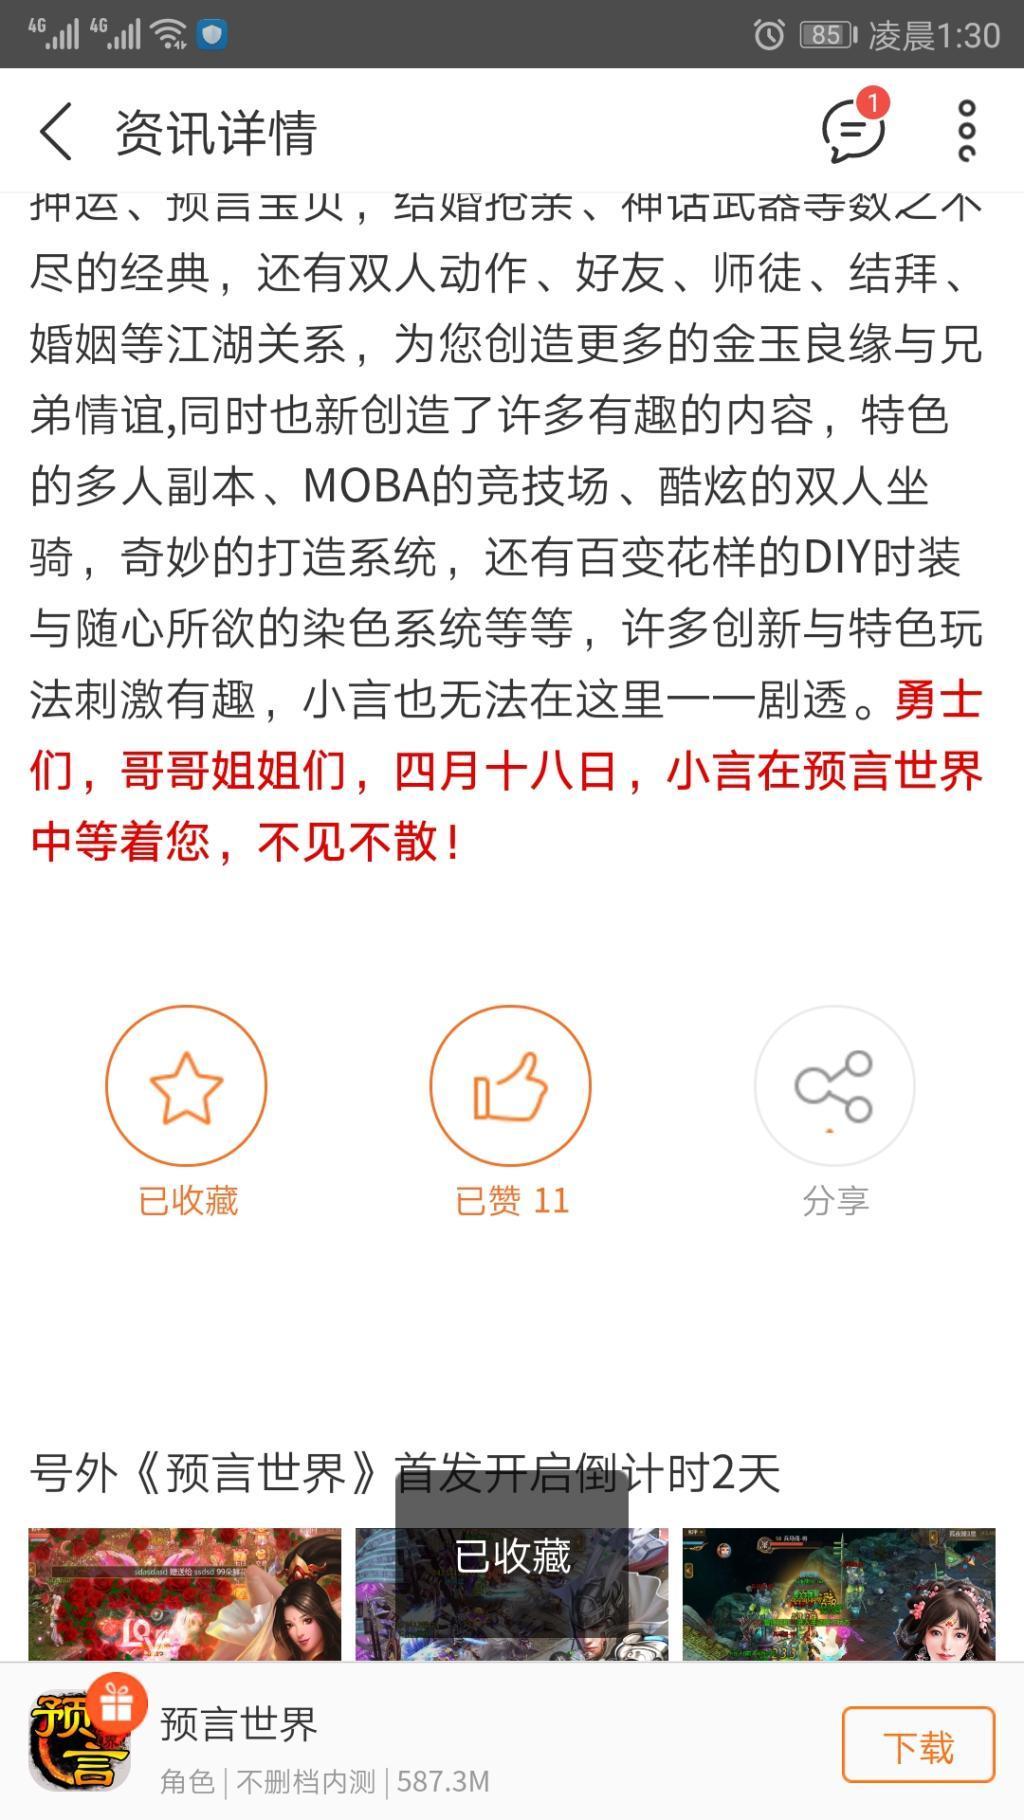 Screenshot_20190516s013046.jpg